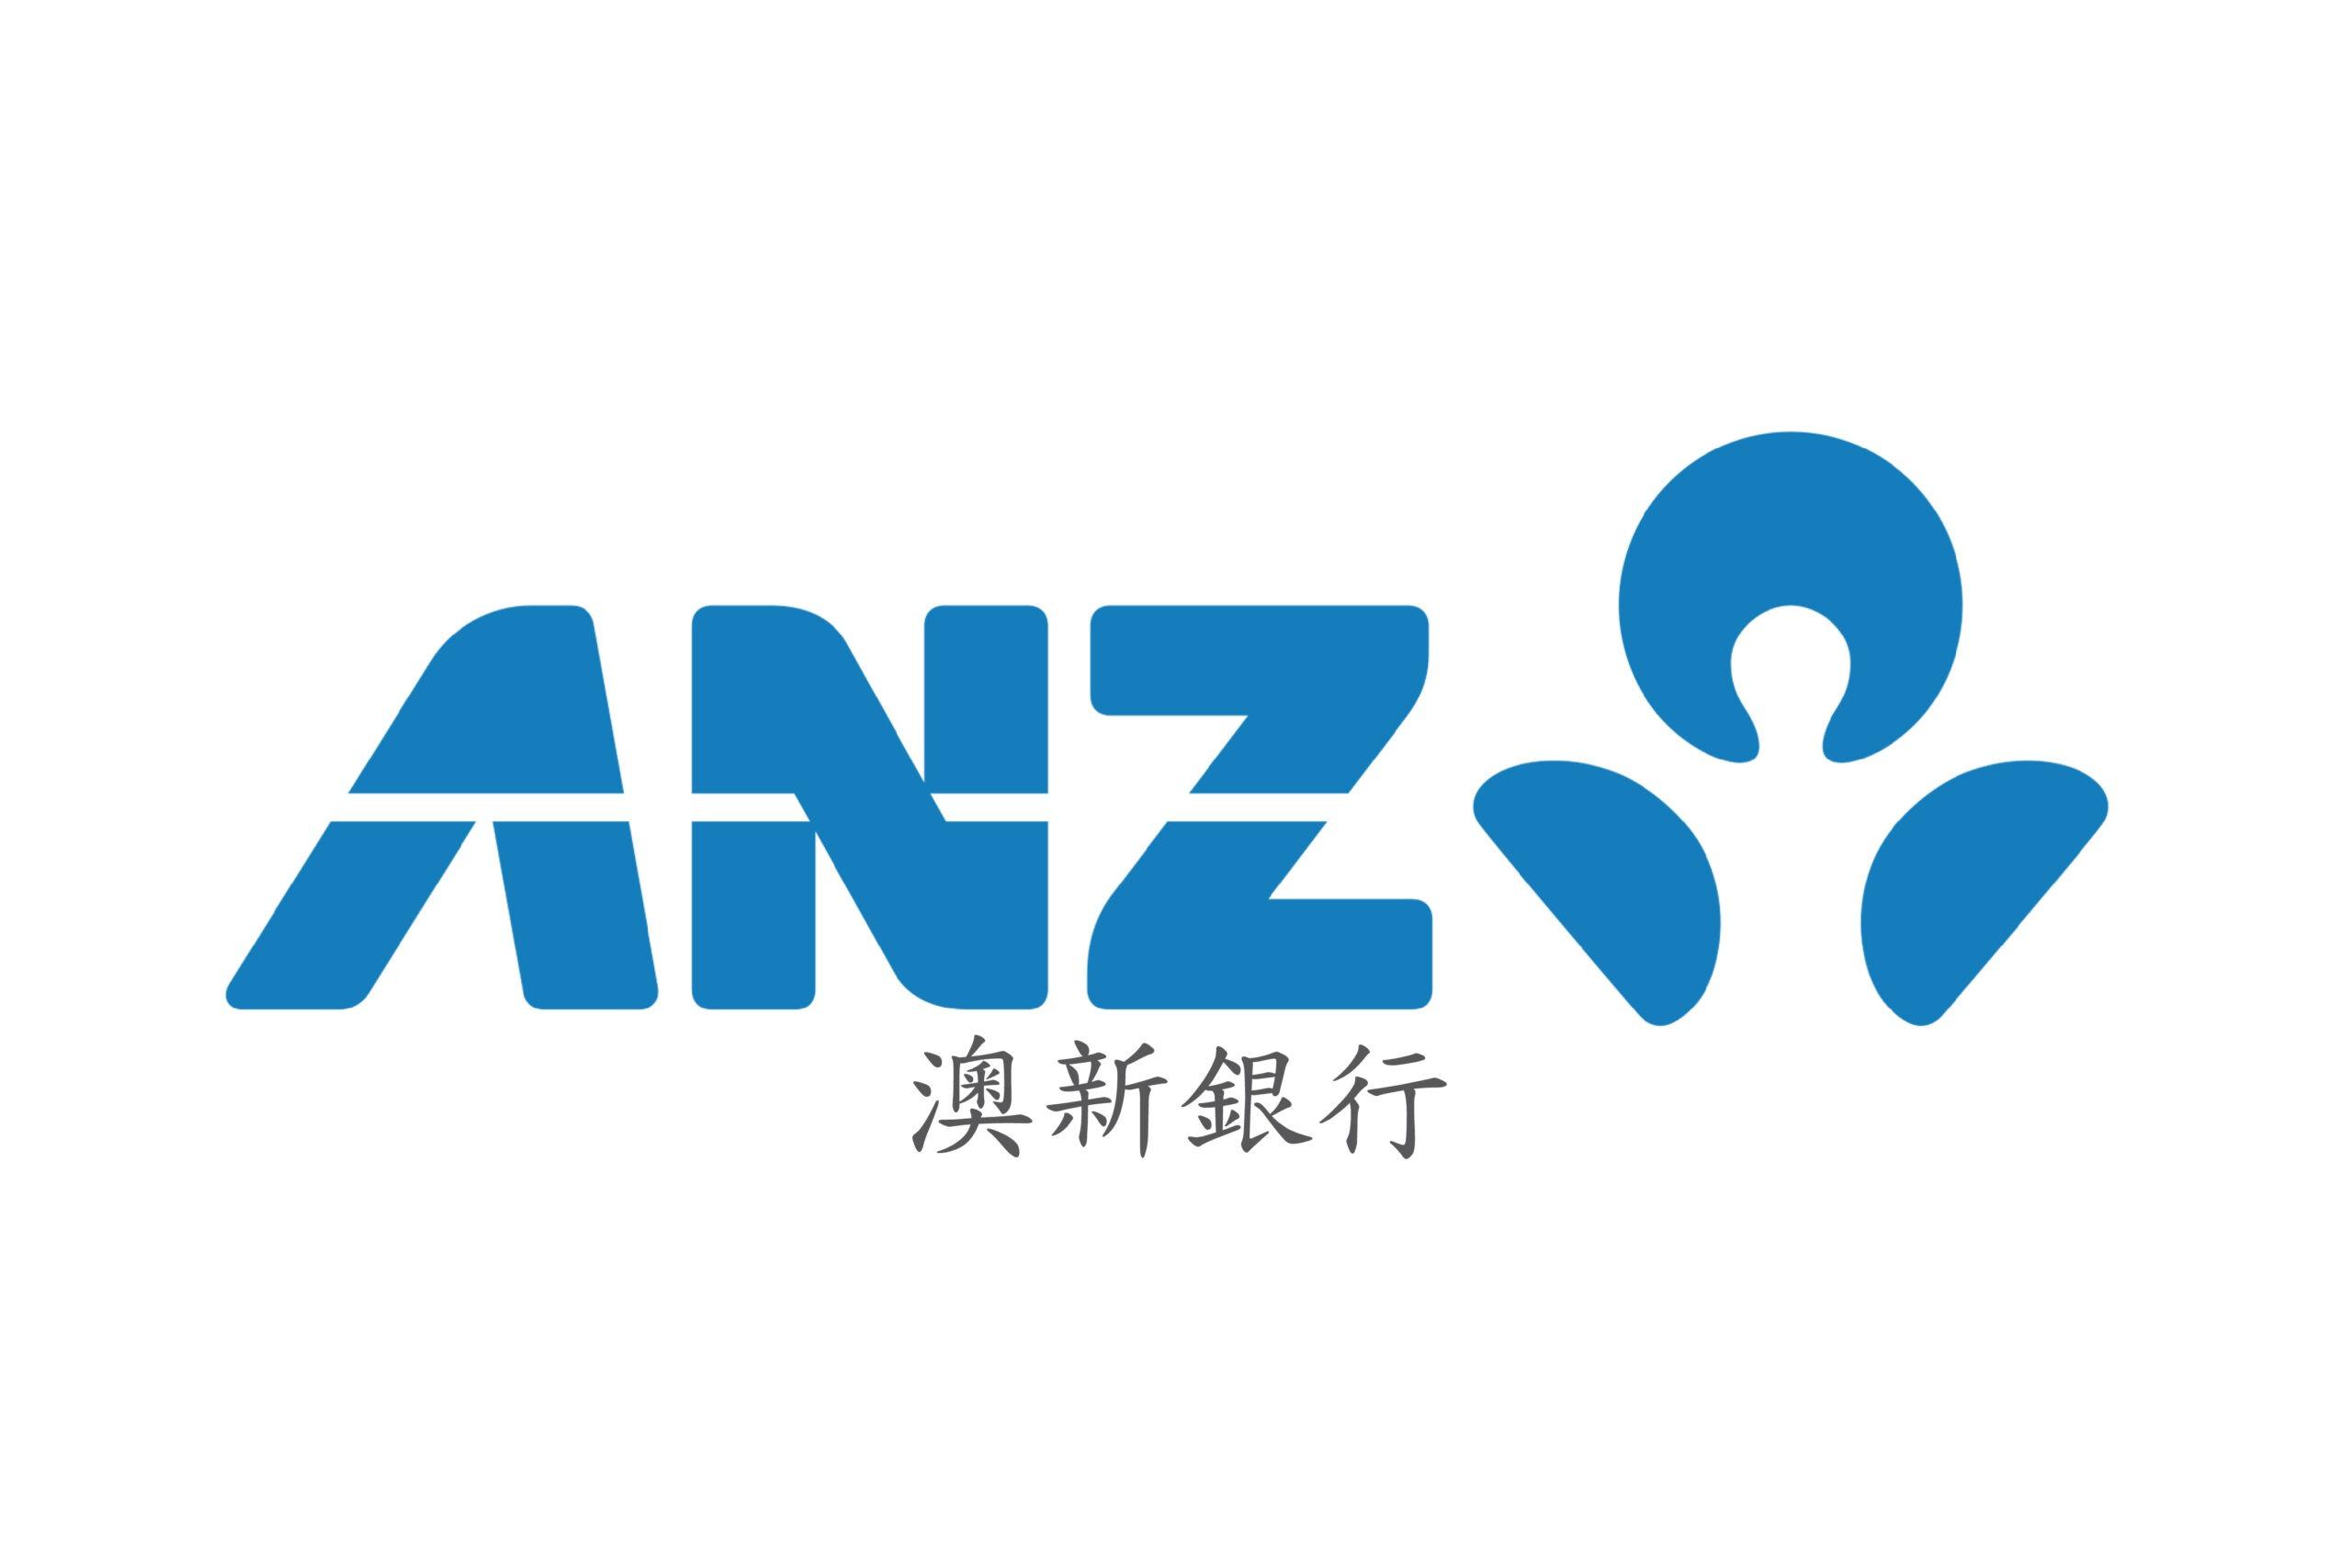 anz-bank-hk-01